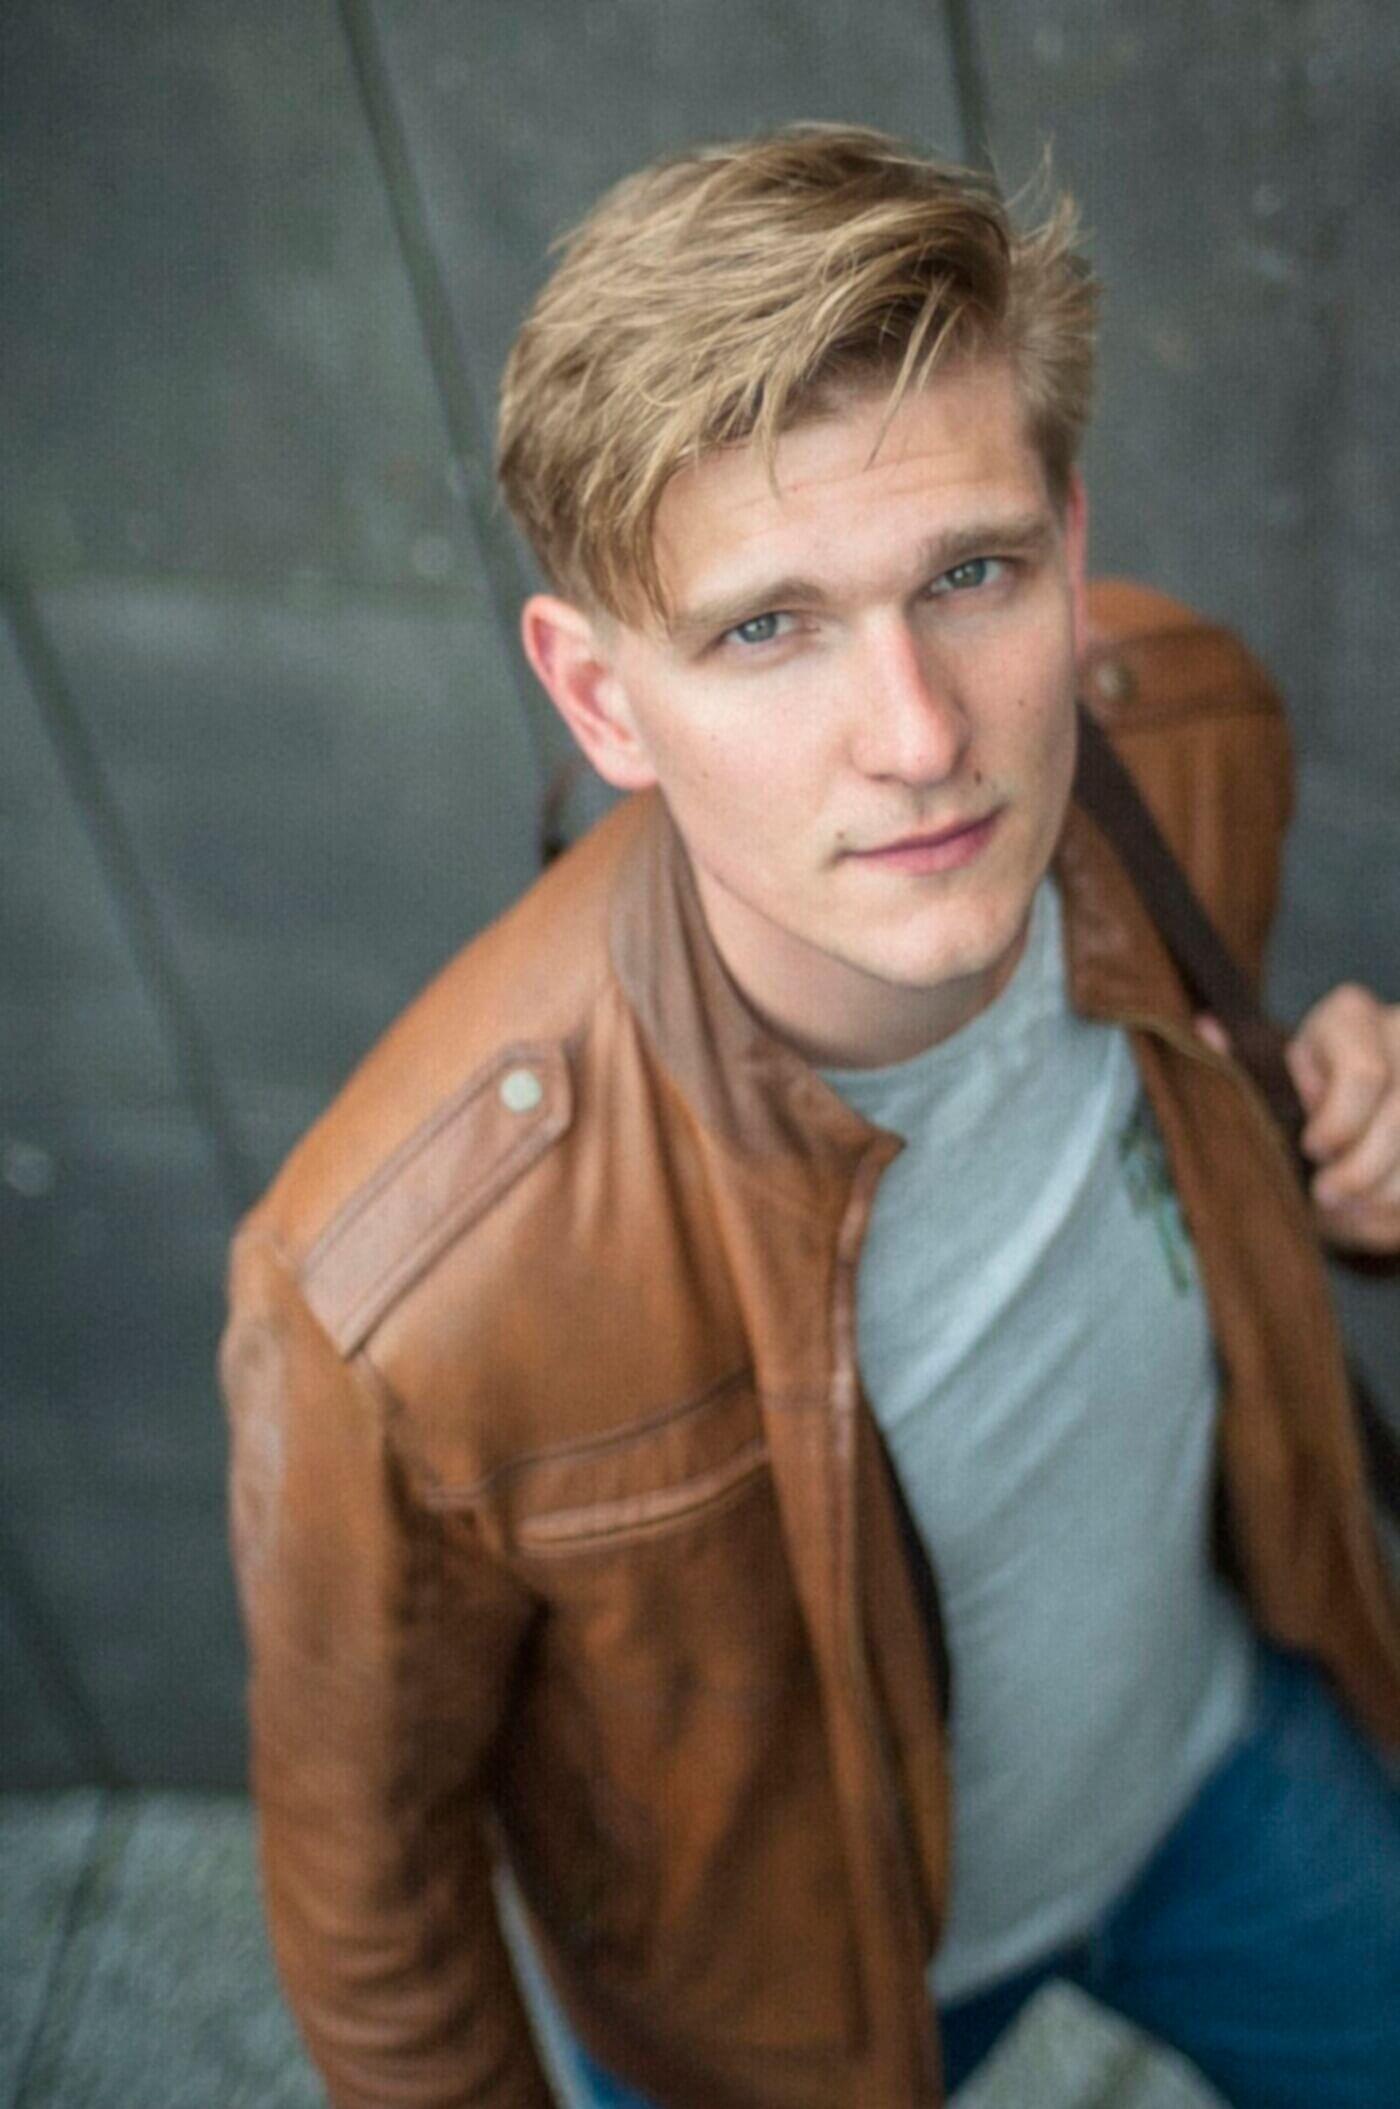 David-Schellenschmidt-Schauspielerportrait-Tim-Rochels